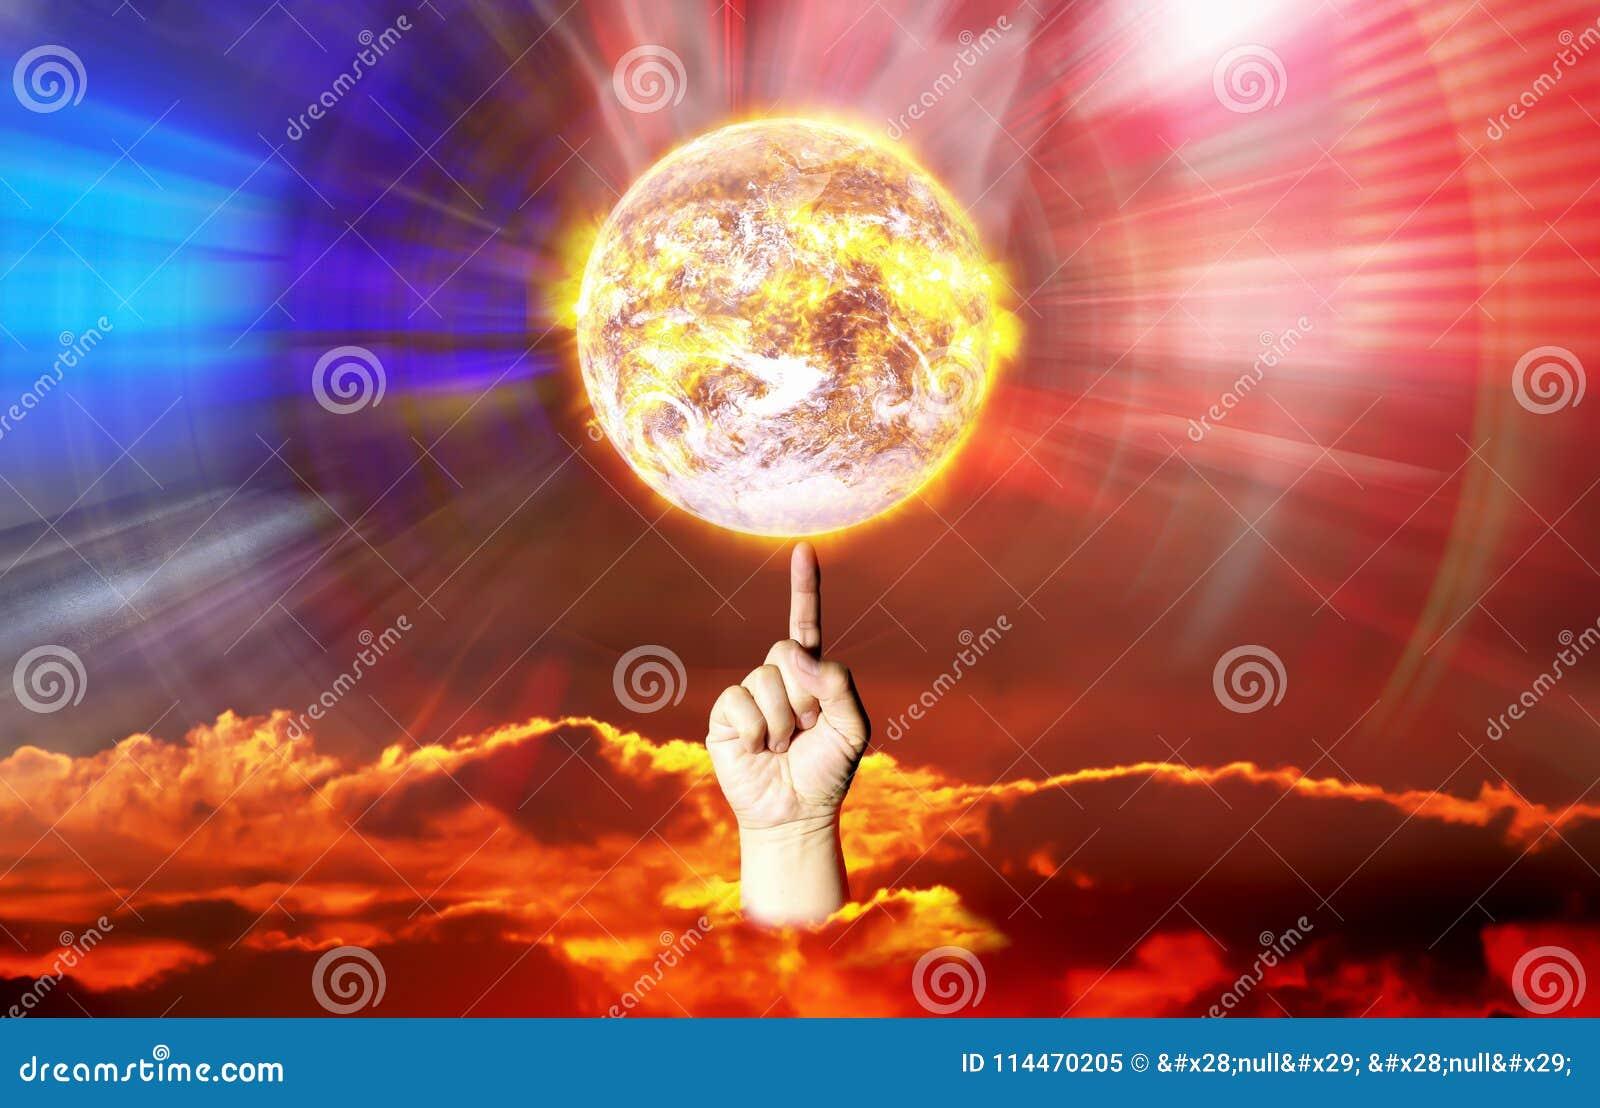 Terra quente da rotação do dedo mostrada a manipulação da causa do poder do controle